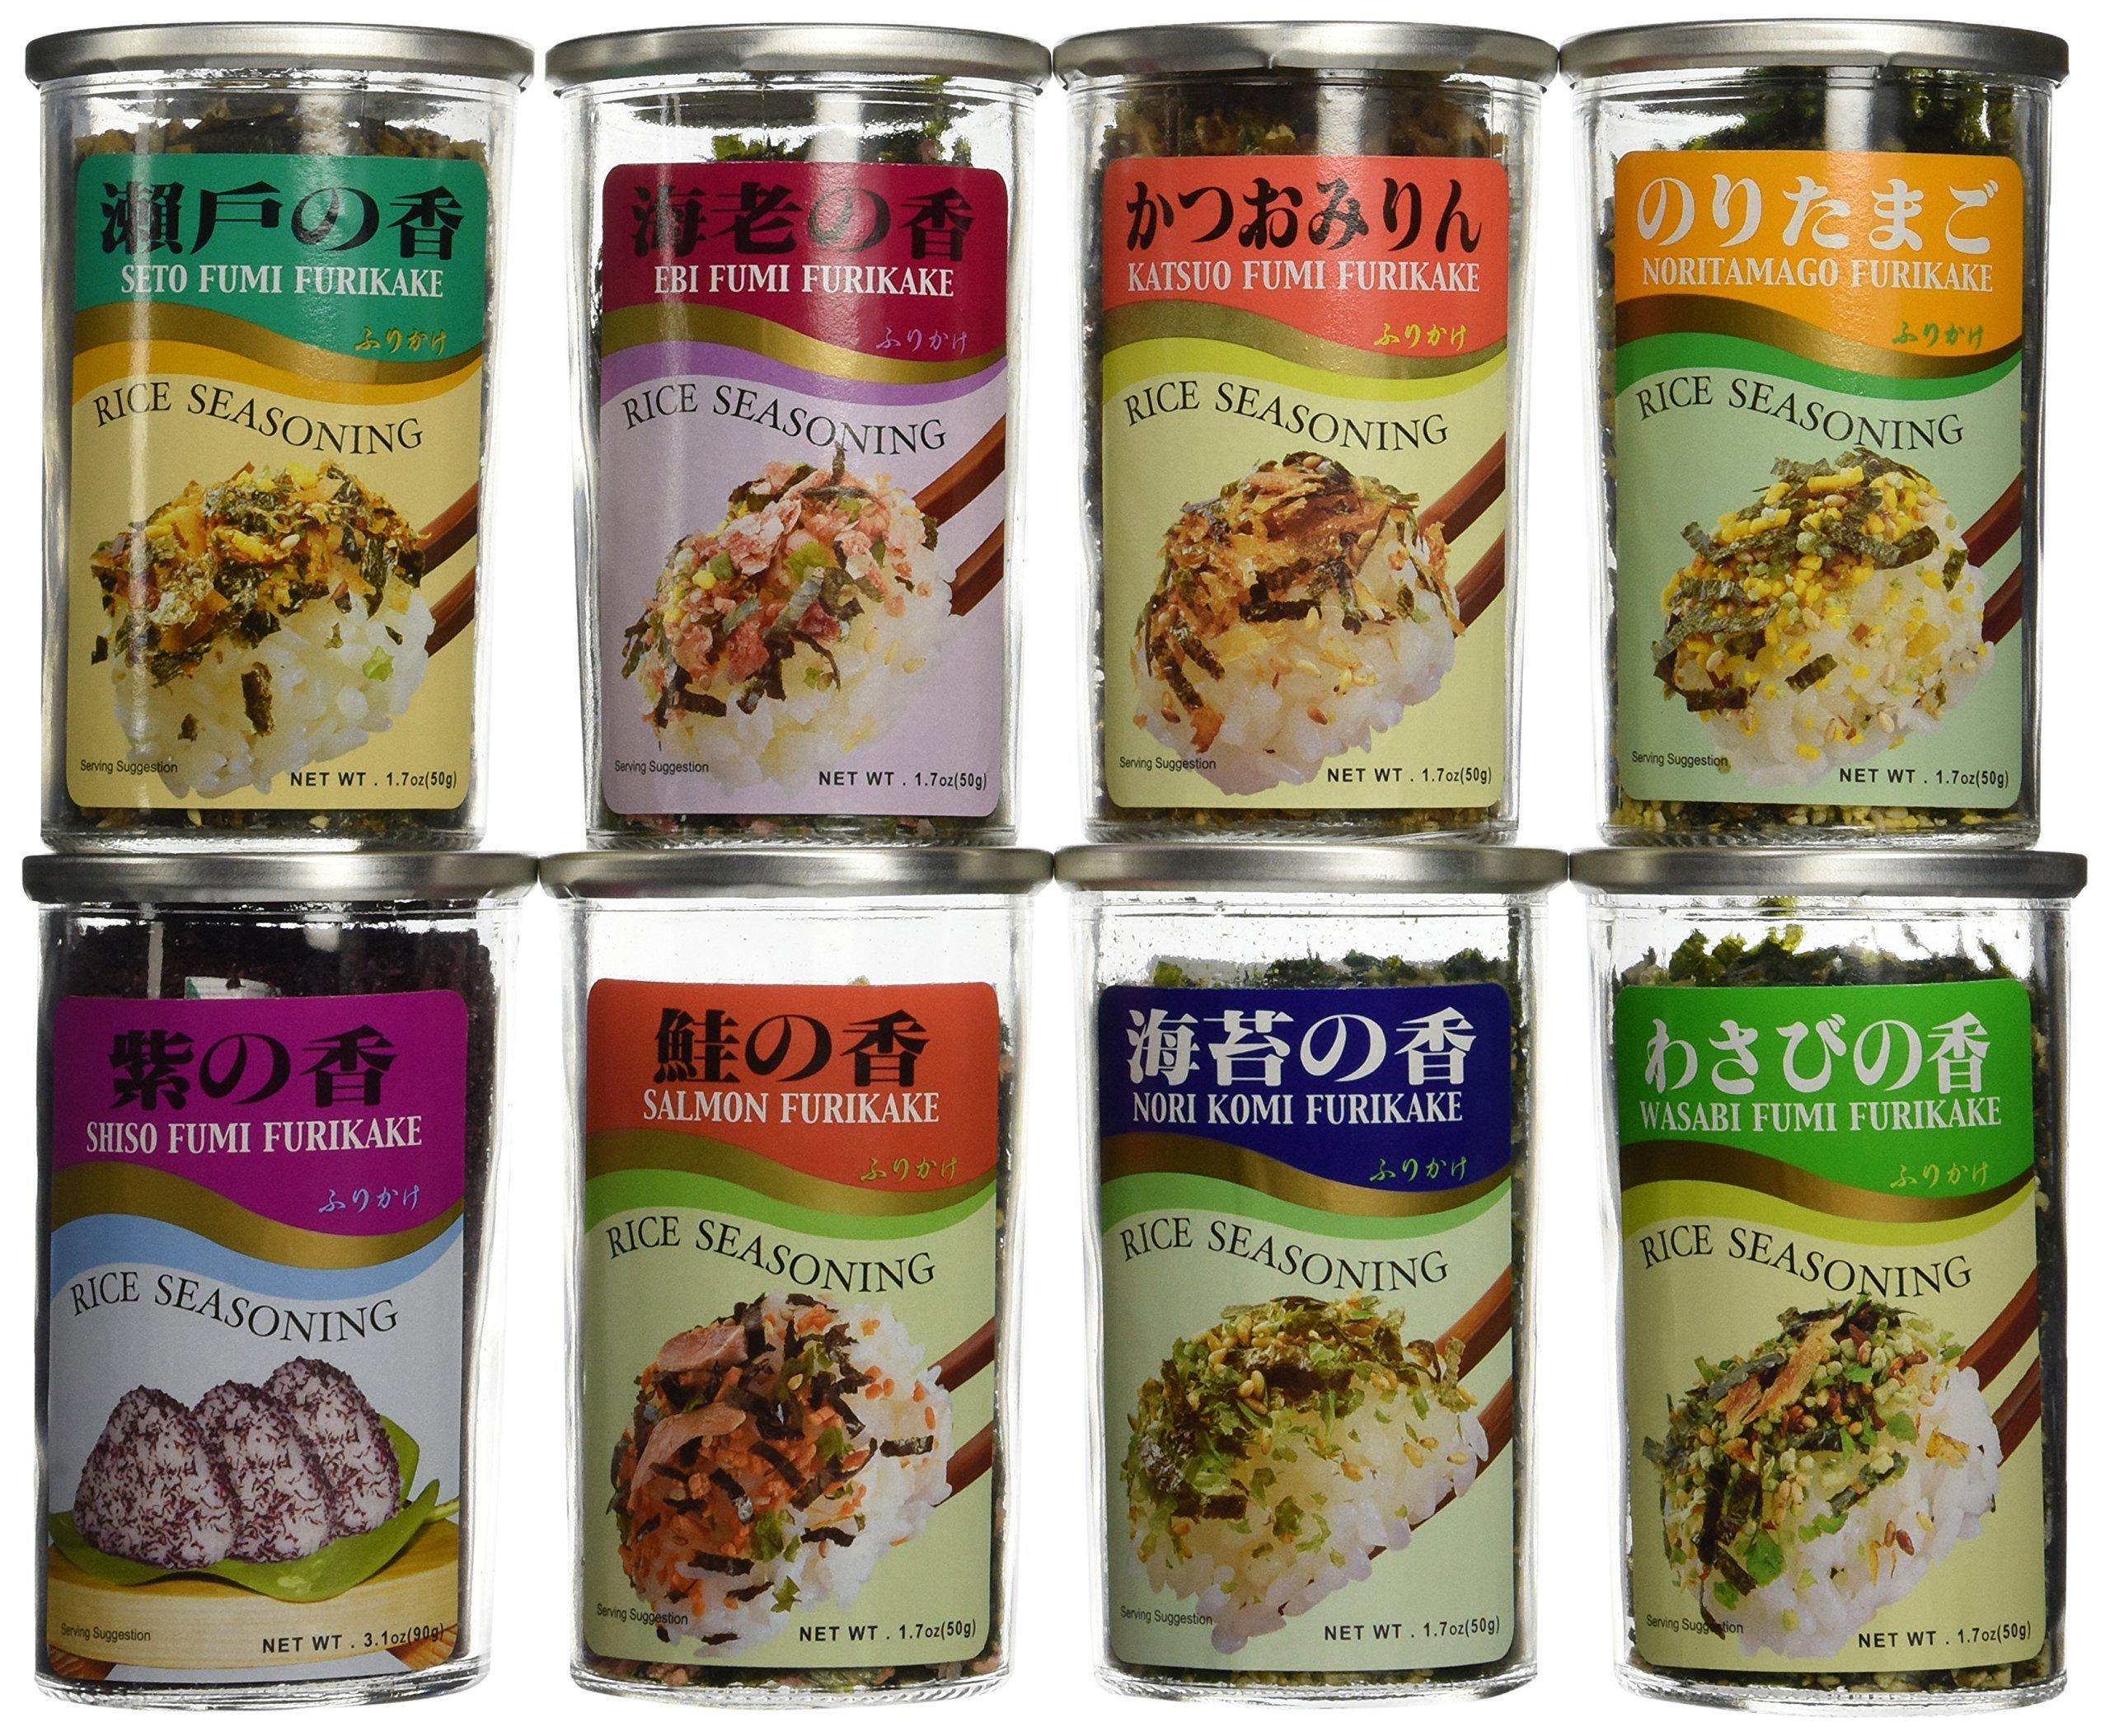 Rice Seasoning Furikake 8 Variety Furikake Set by JFC (Image #1)